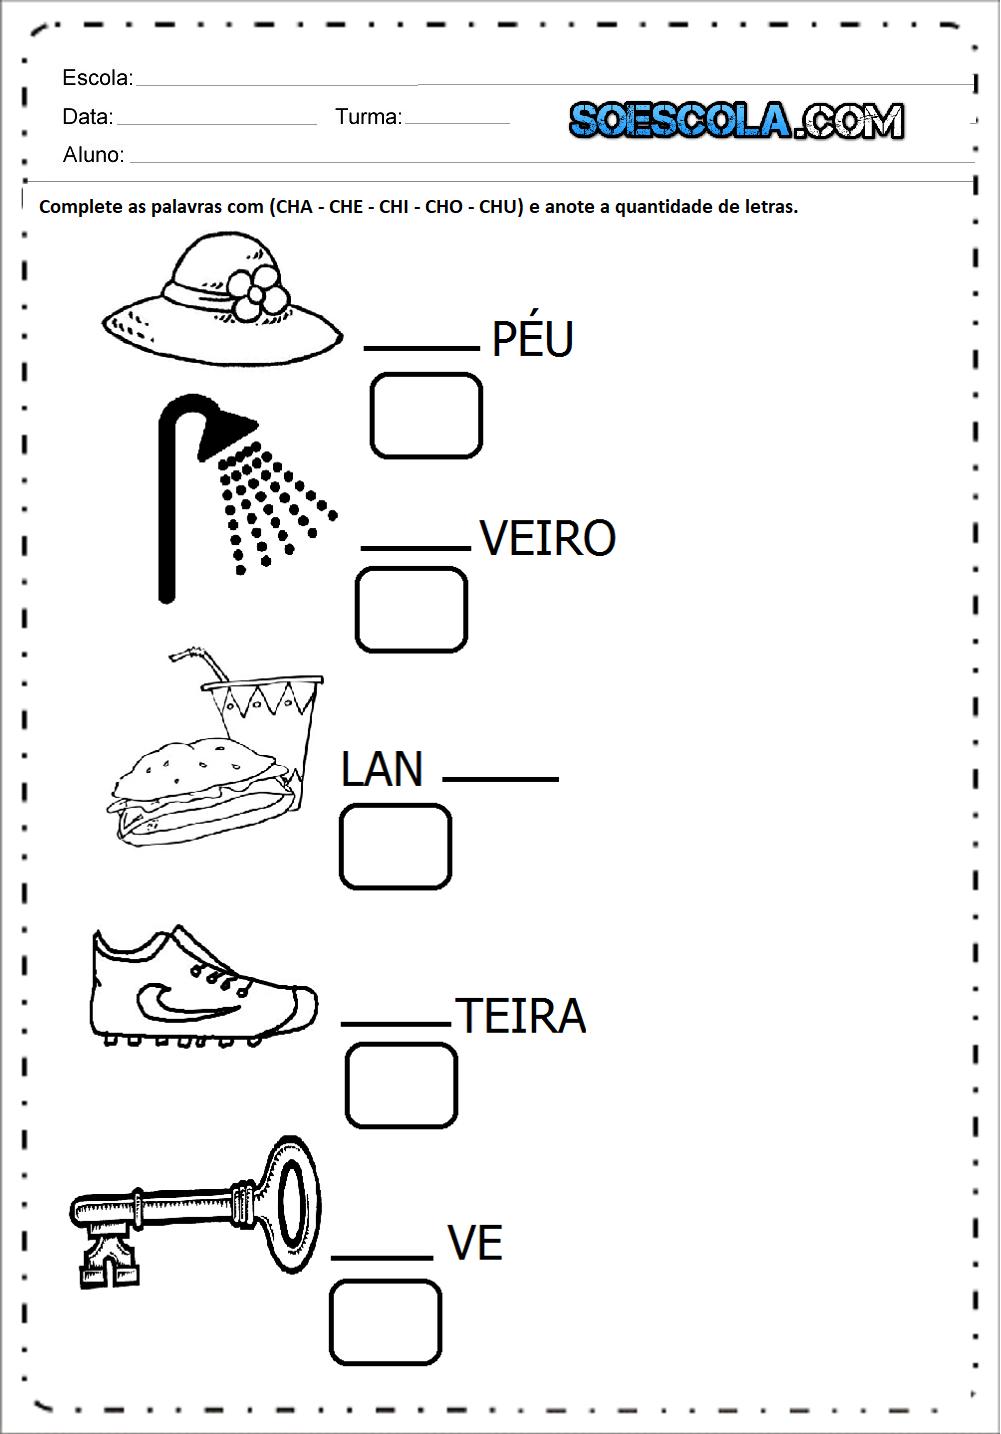 Atividades com CH para imprimir - Atividades Educativas - Series Iniciais.